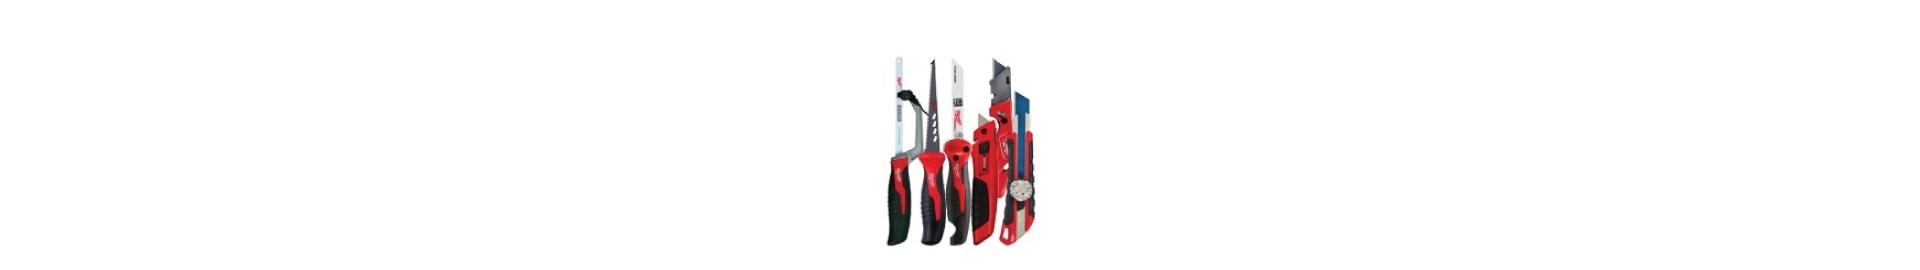 Narzędzia ręczne i akcesoria